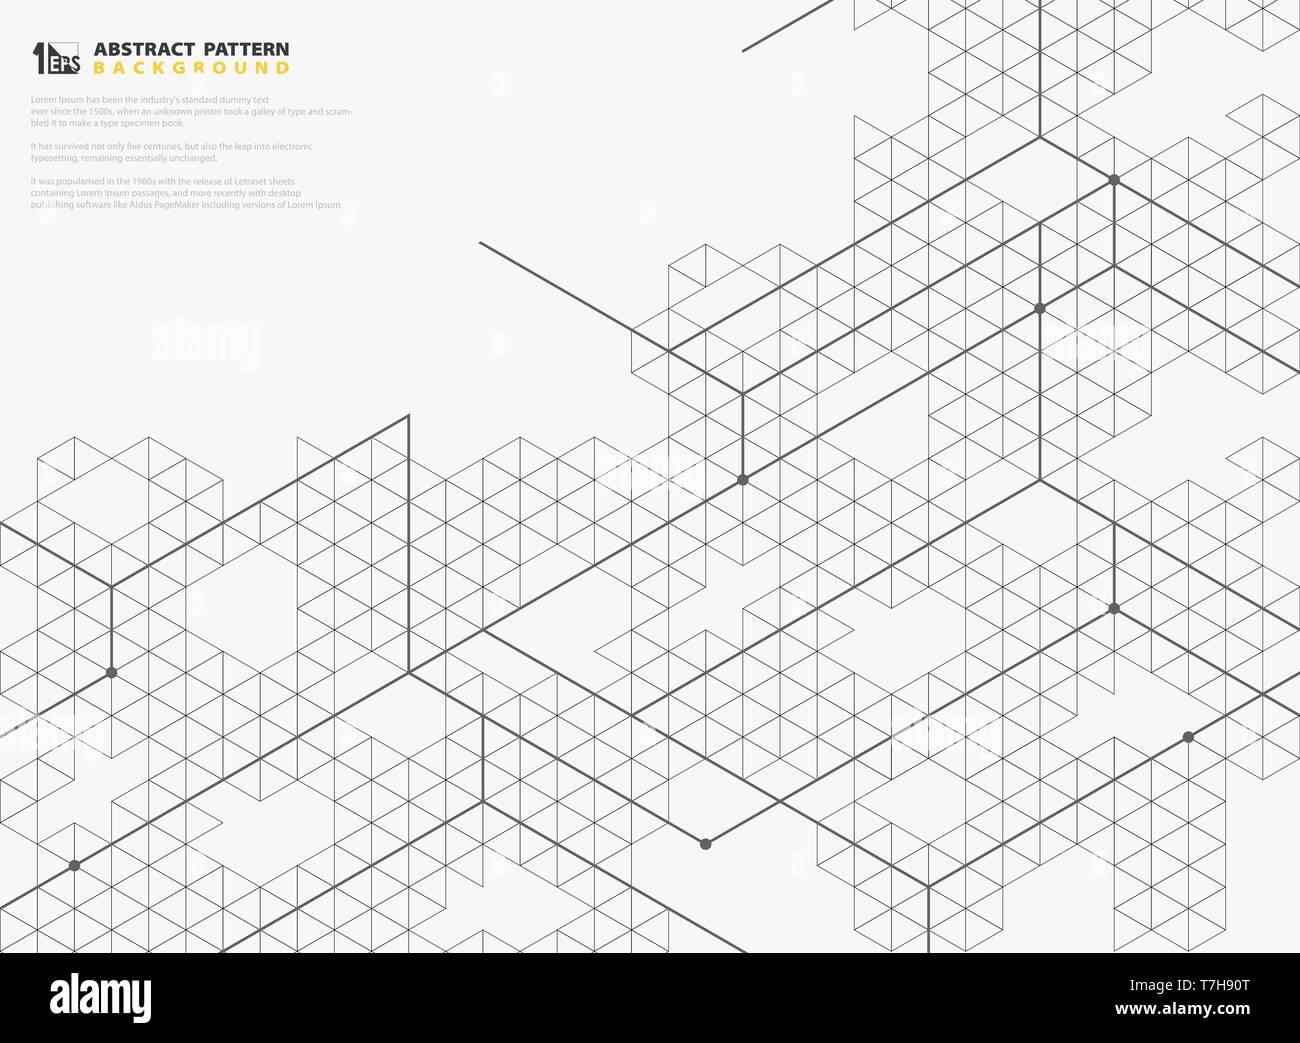 ea9a725824 Resumen plaza moderna estructuras de línea de diseño de patrones geométricos  de fondo. Puede utilizar